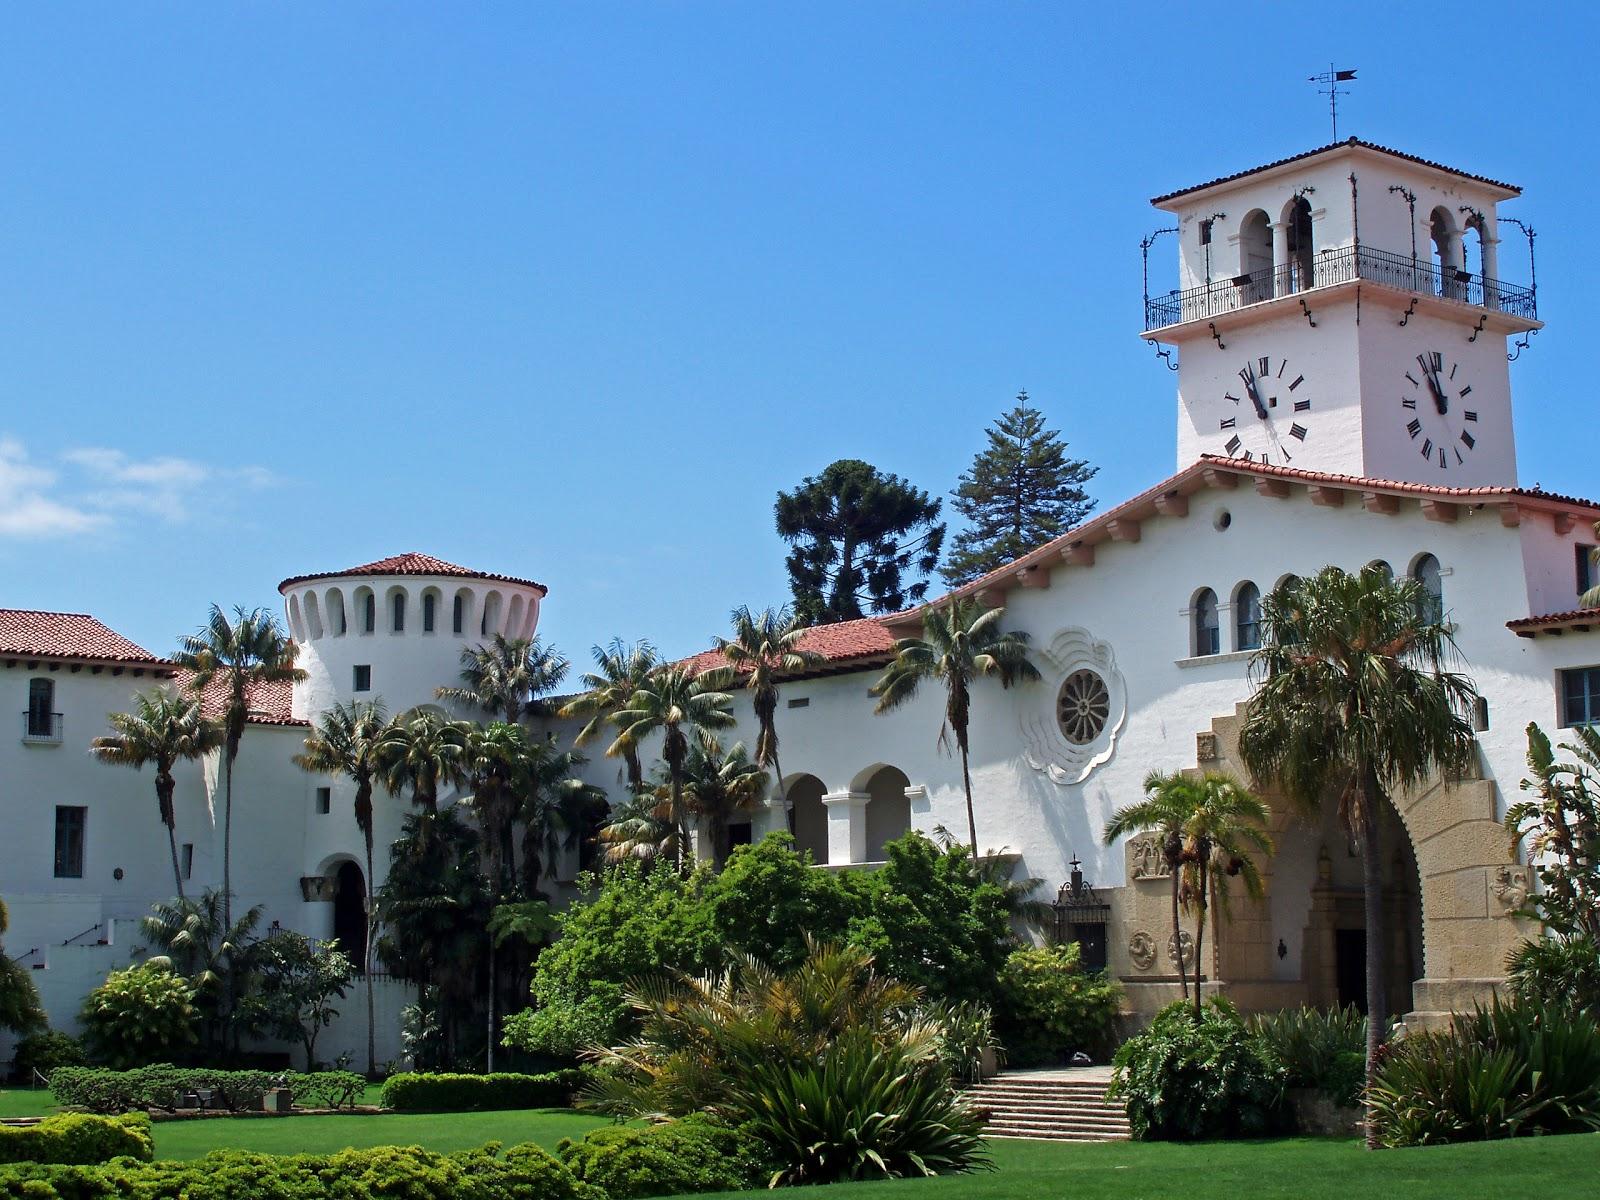 Santa Barbara Sights And Events Santa Barbara County Courthouse